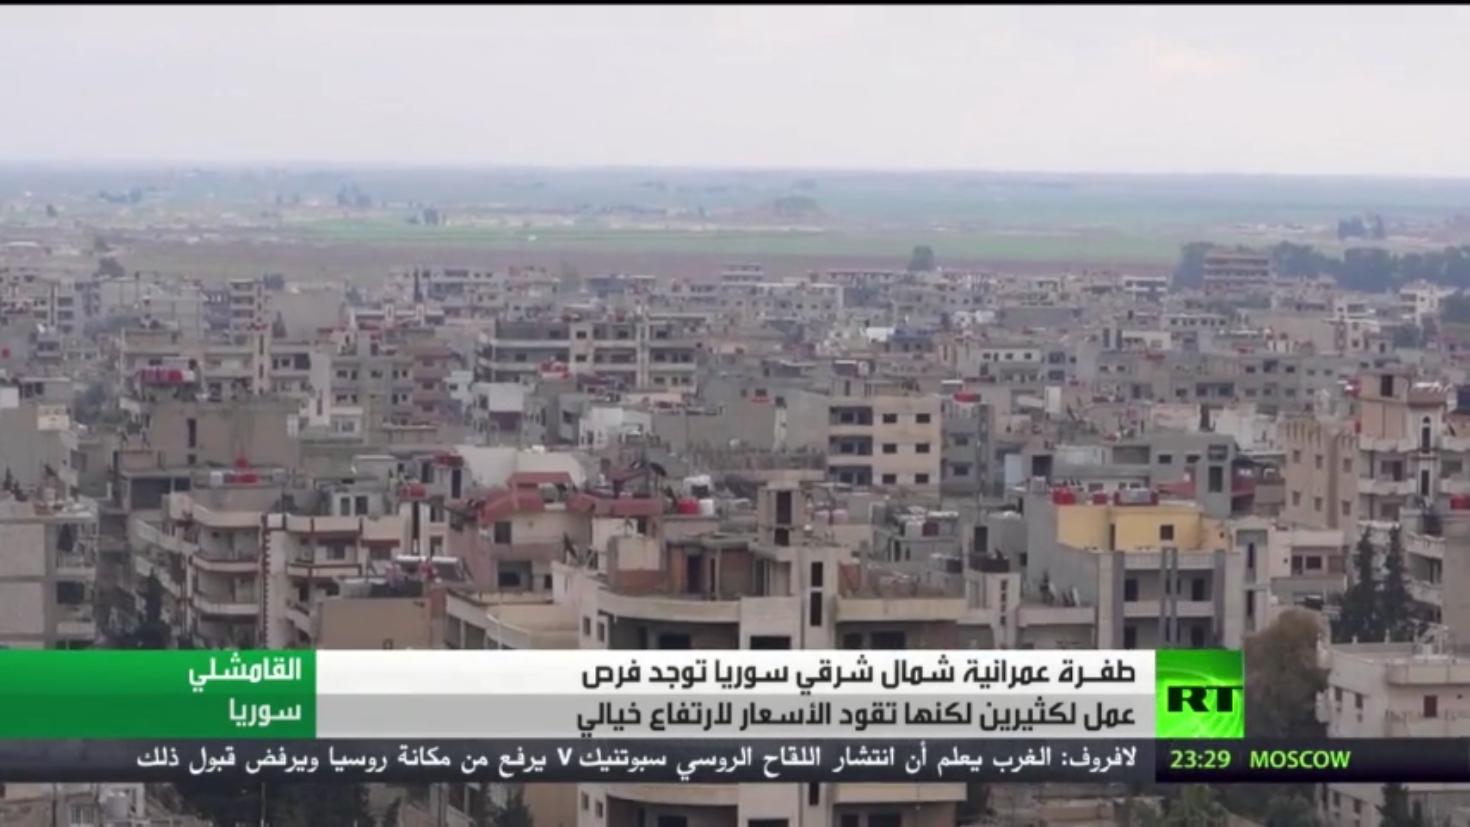 طفرة عمرانية شمال شرقي سوريا